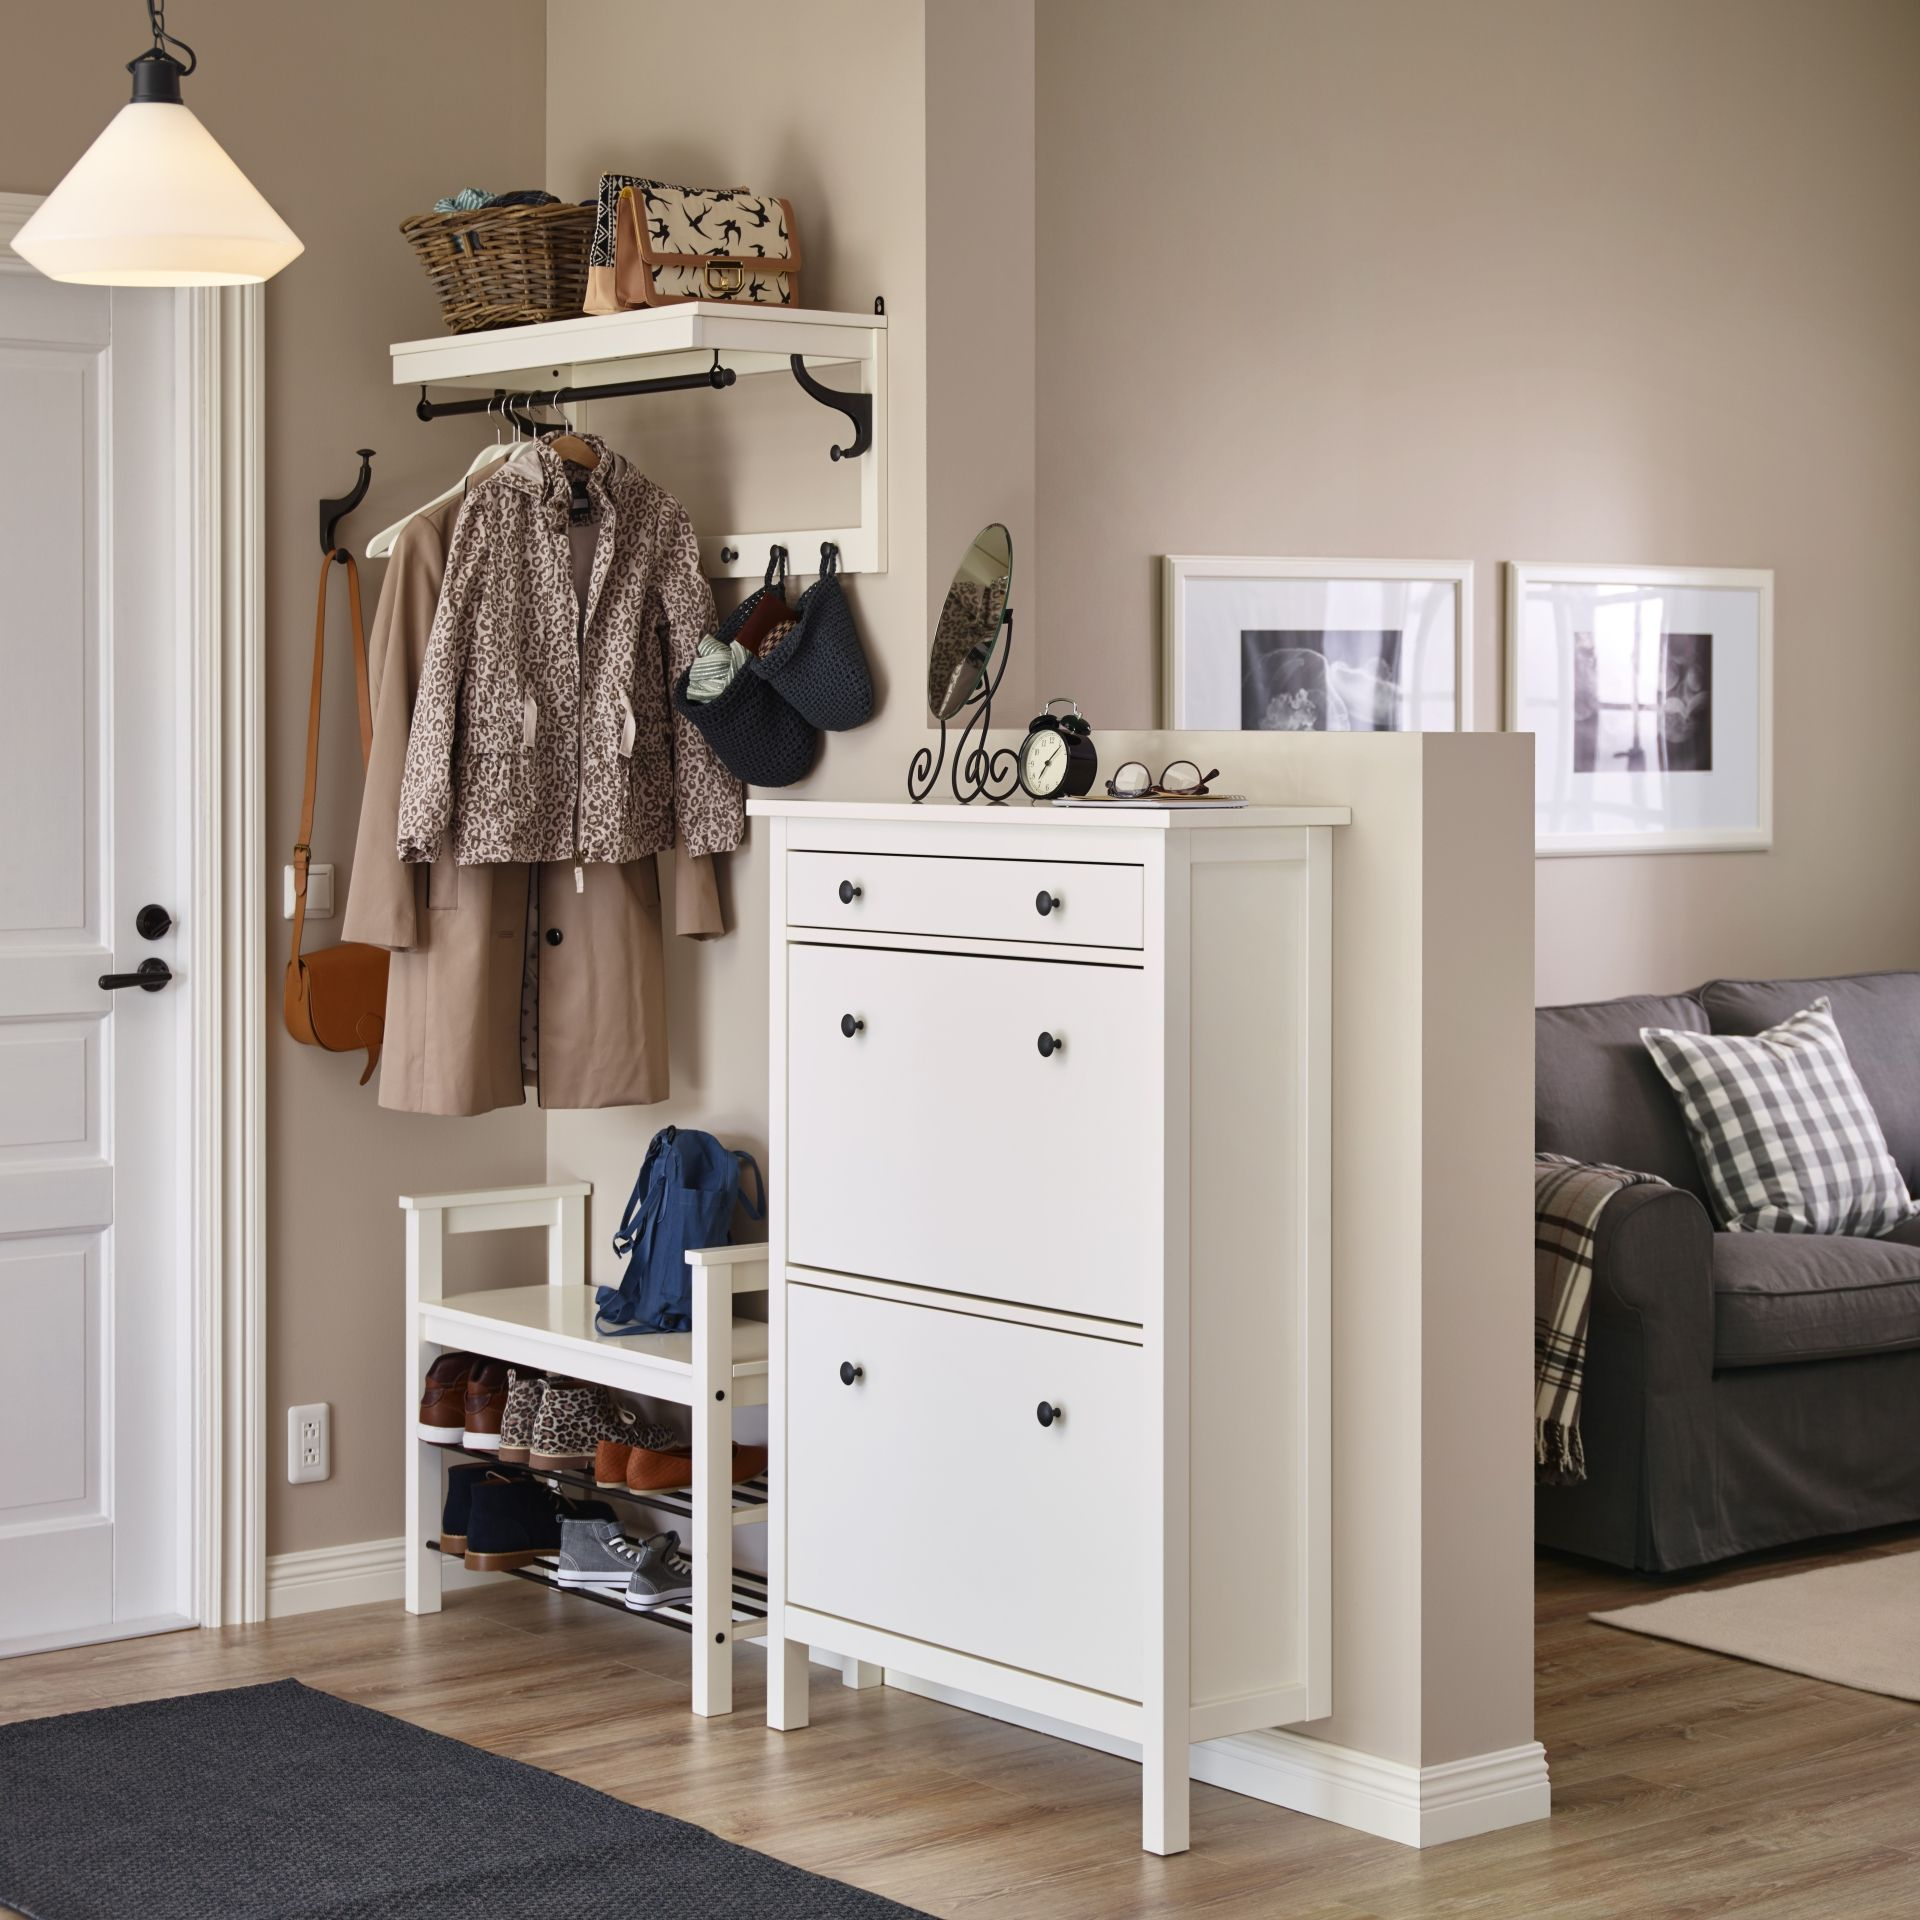 No Tienes Vest Bulo Encontrar S Uno Ser Por Ideas Vest Bulos  # Muebles Vestibulo Ikea